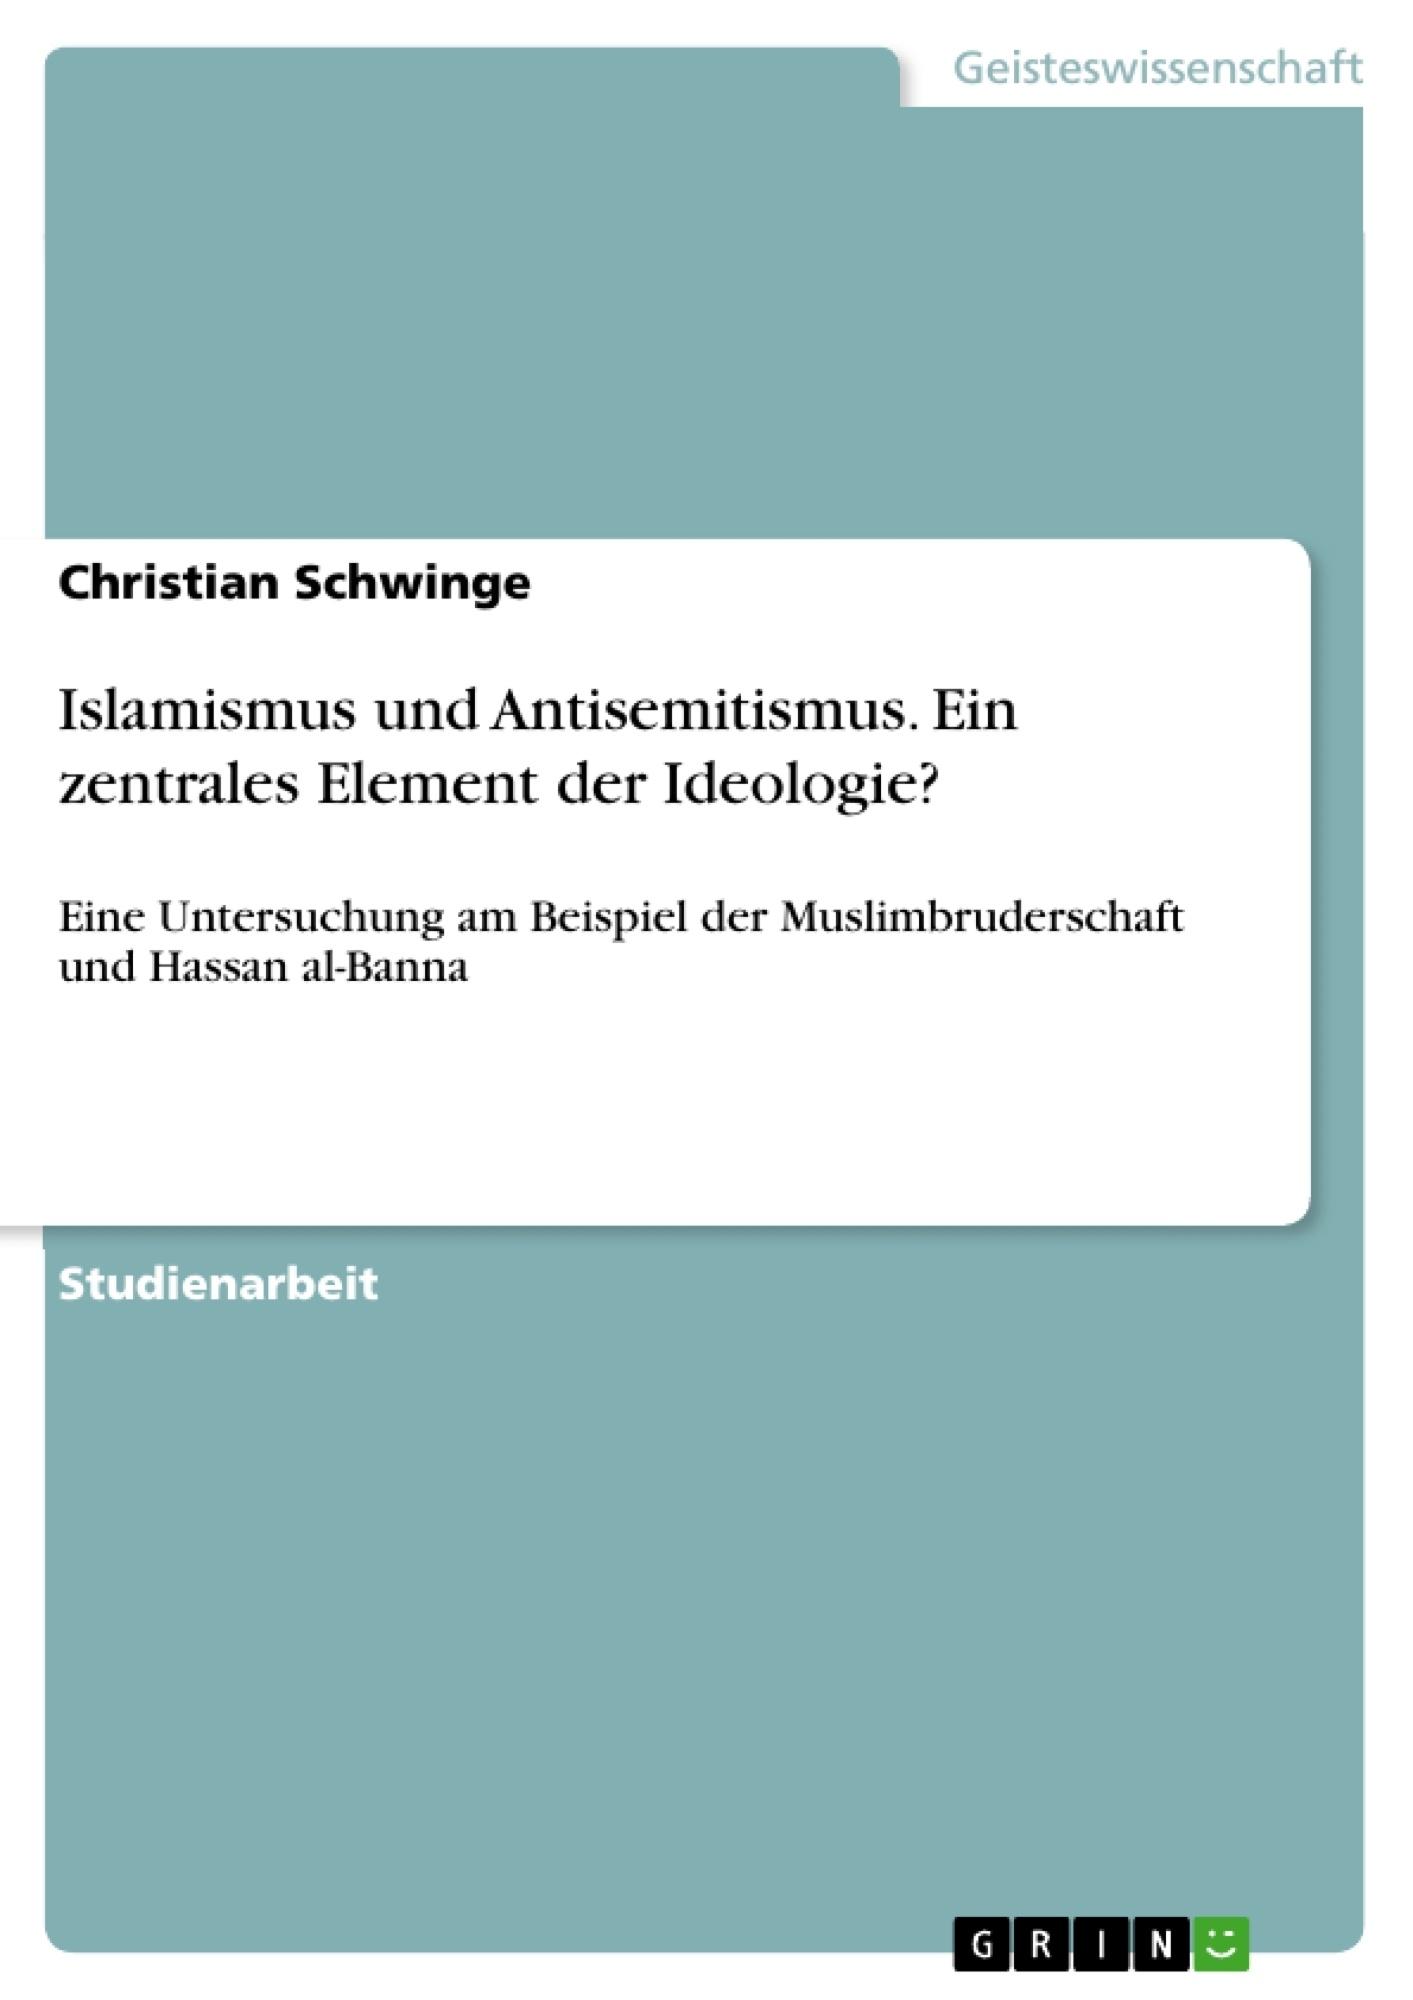 Titel: Islamismus und Antisemitismus. Ein zentrales Element der Ideologie?